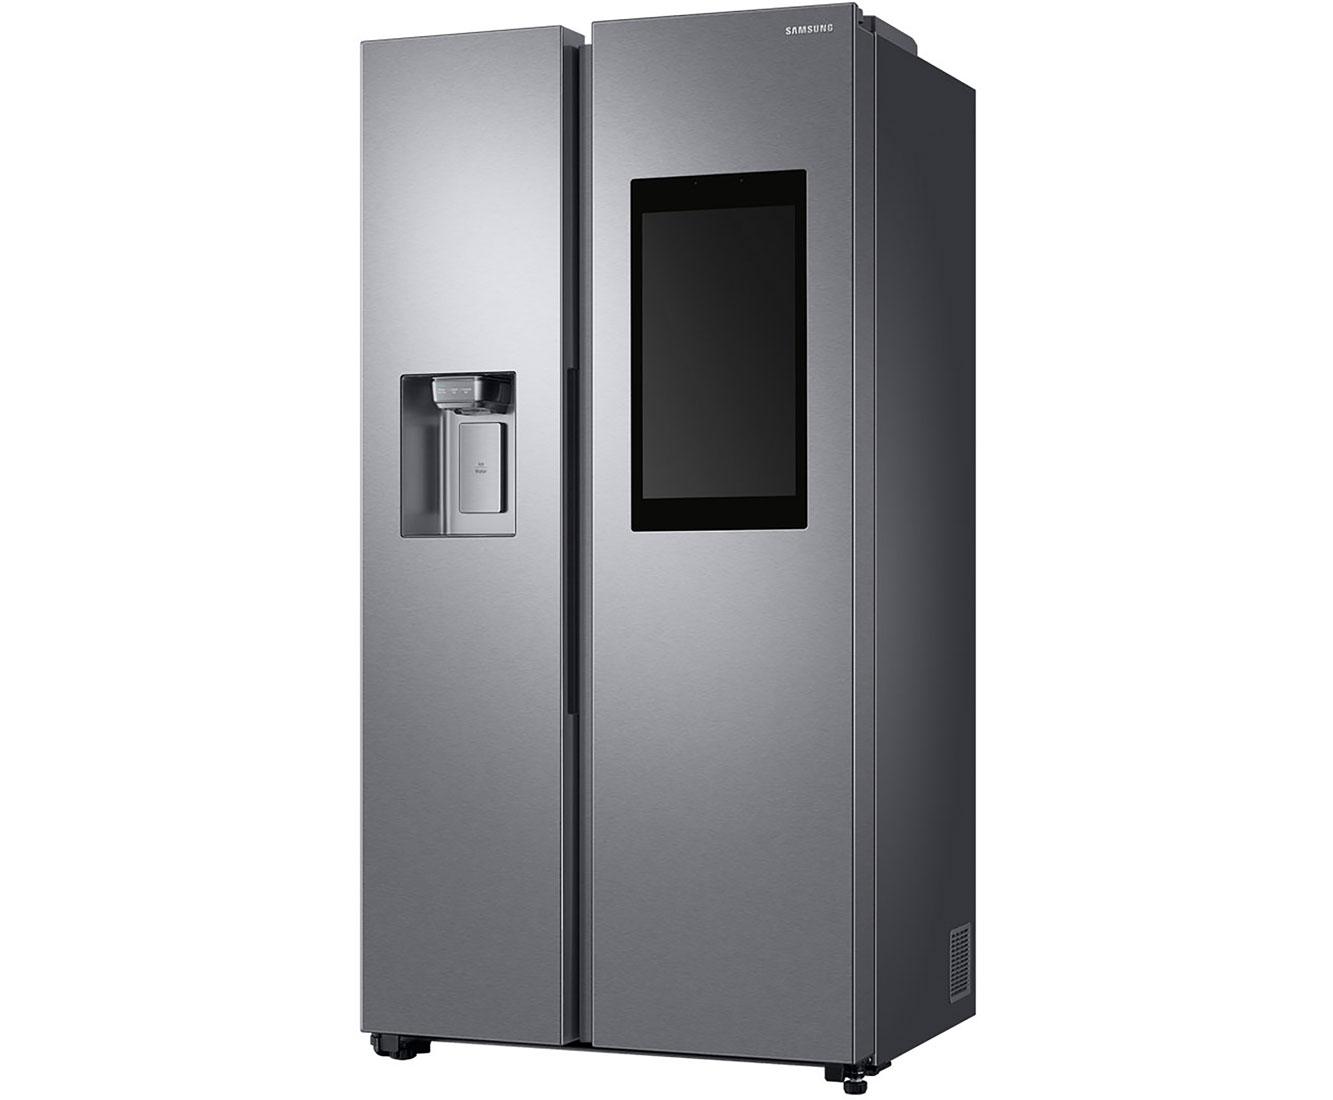 Amerikanischer Kühlschrank Mit Fernseher : Riesen kühlschrank kaufen und sparen samsung side by side beim